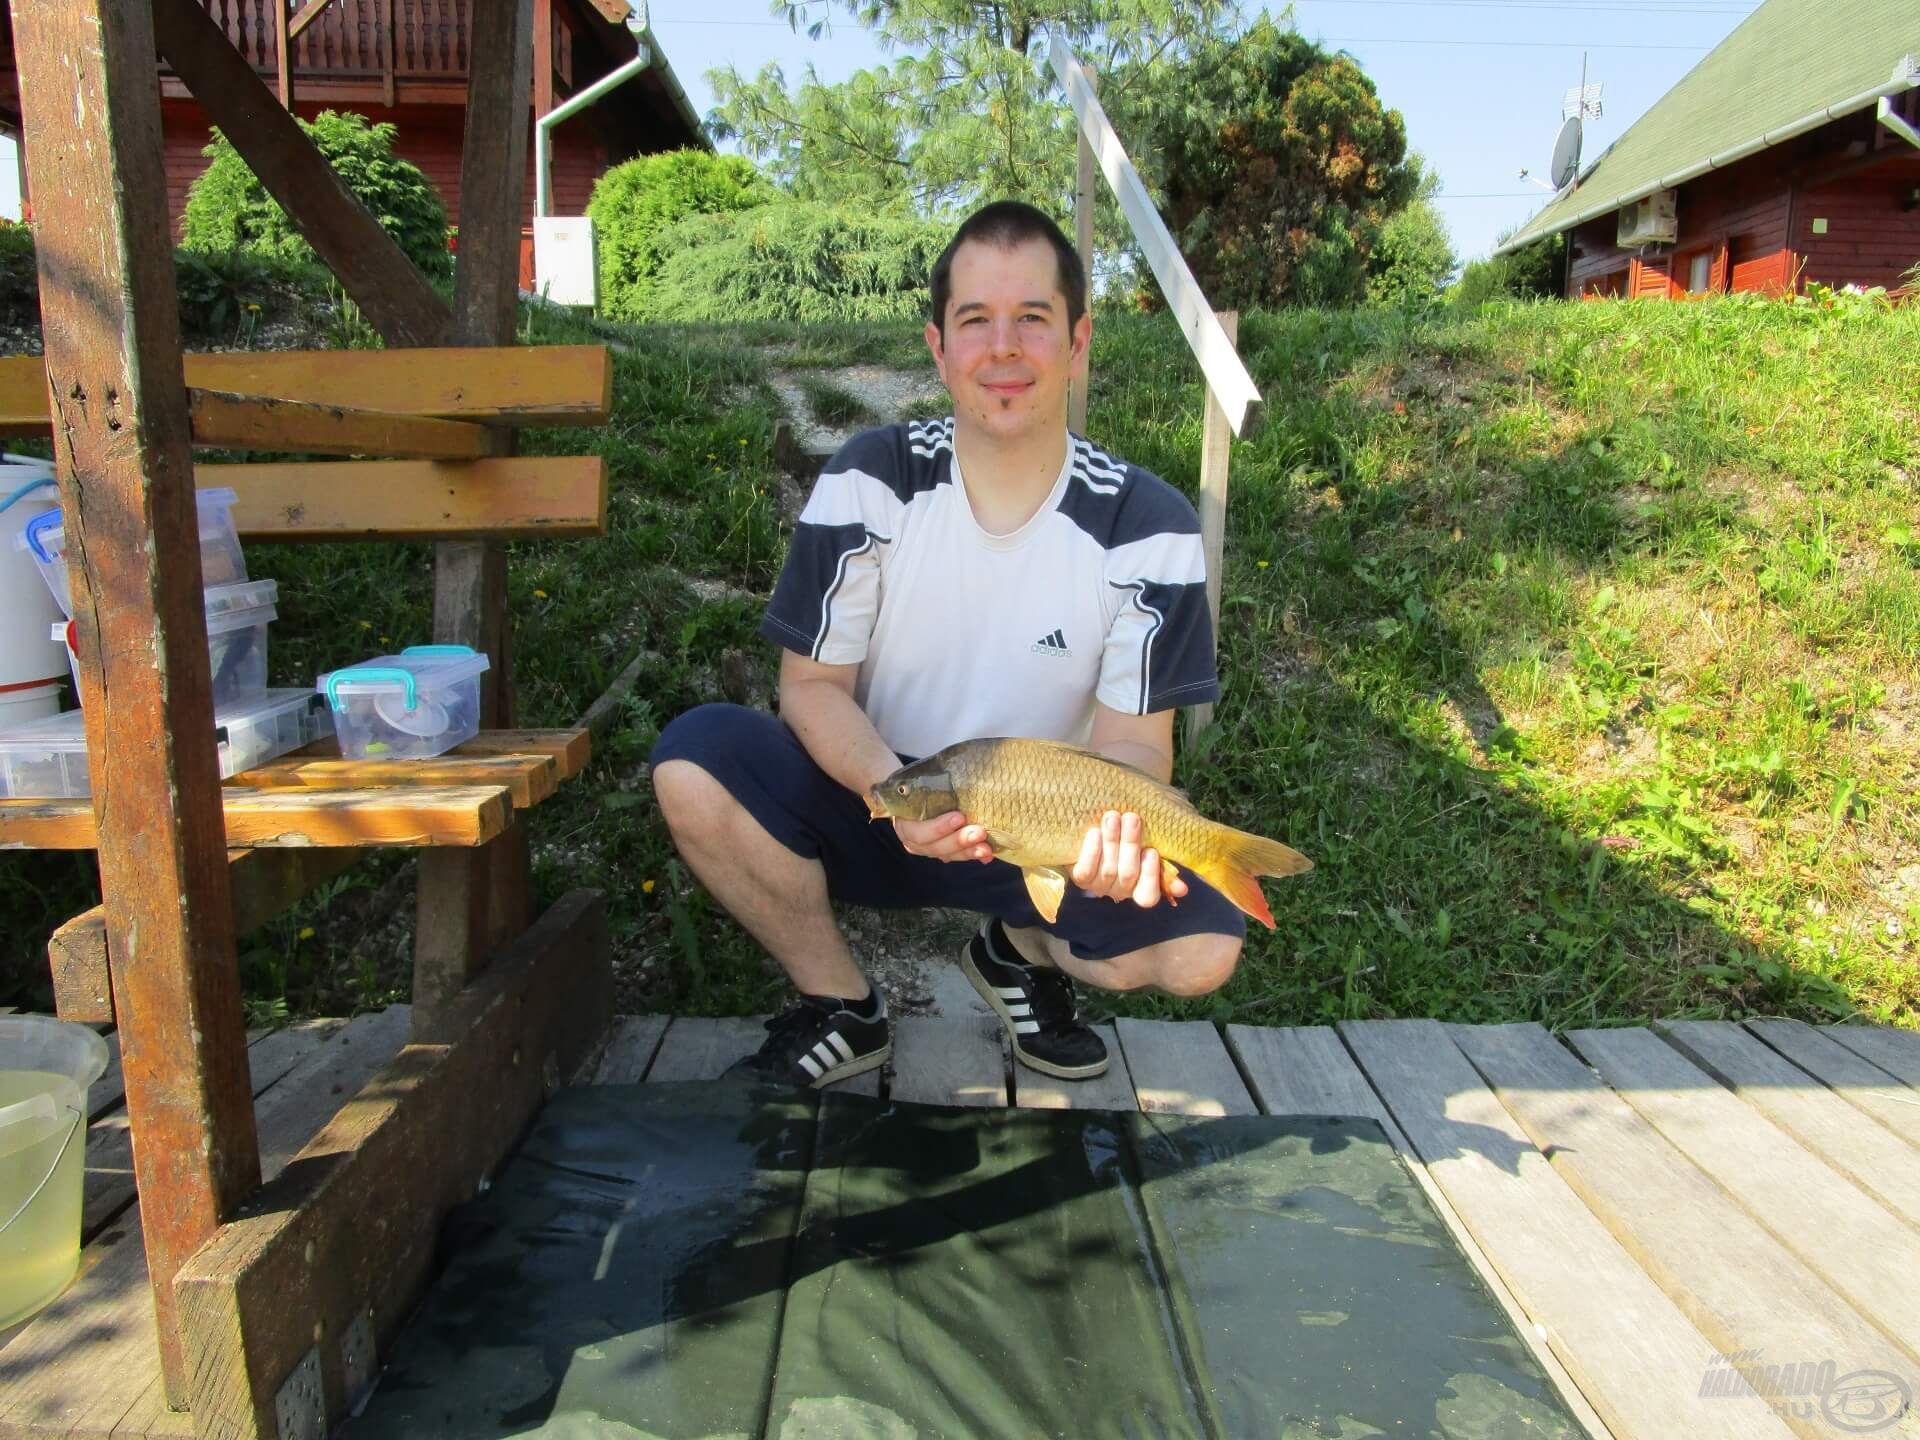 Szép színekben pompázott a pontyocska, de bíztam benne, hogy sikerül majd szelektálni a nagyobb halakat